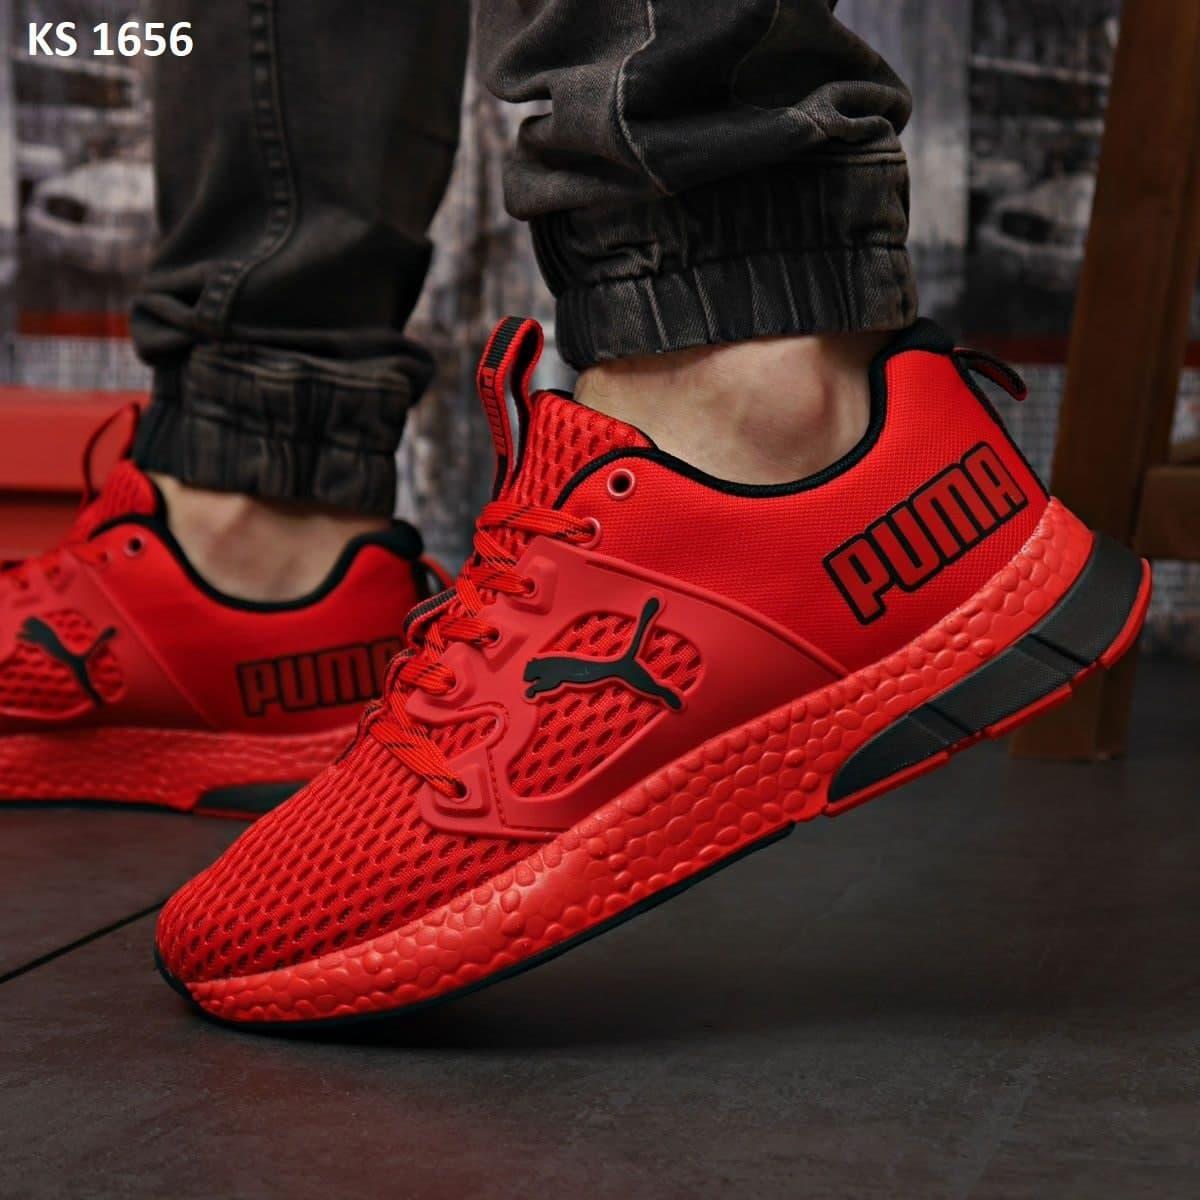 Чоловічі кросівки Puma LQDCELL (червоні) KS 1656 демісезонна спортивне взуття